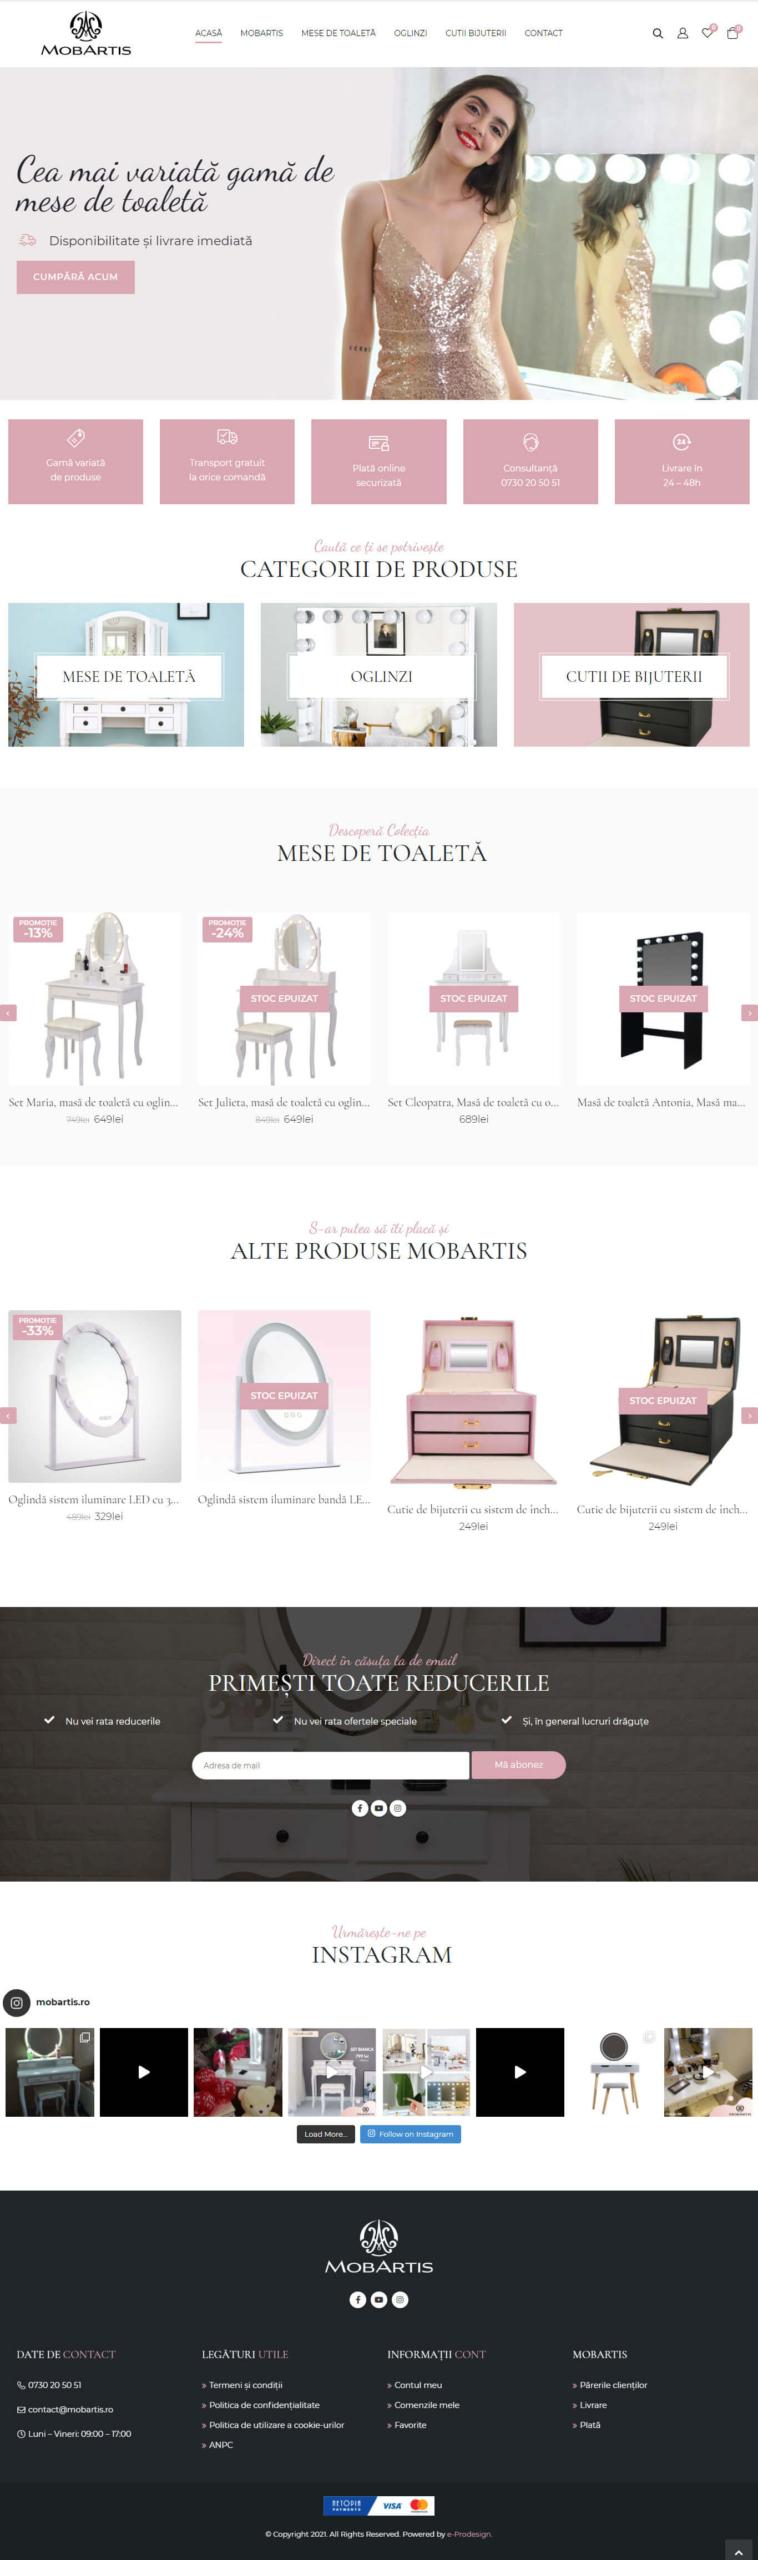 Website Mobartis